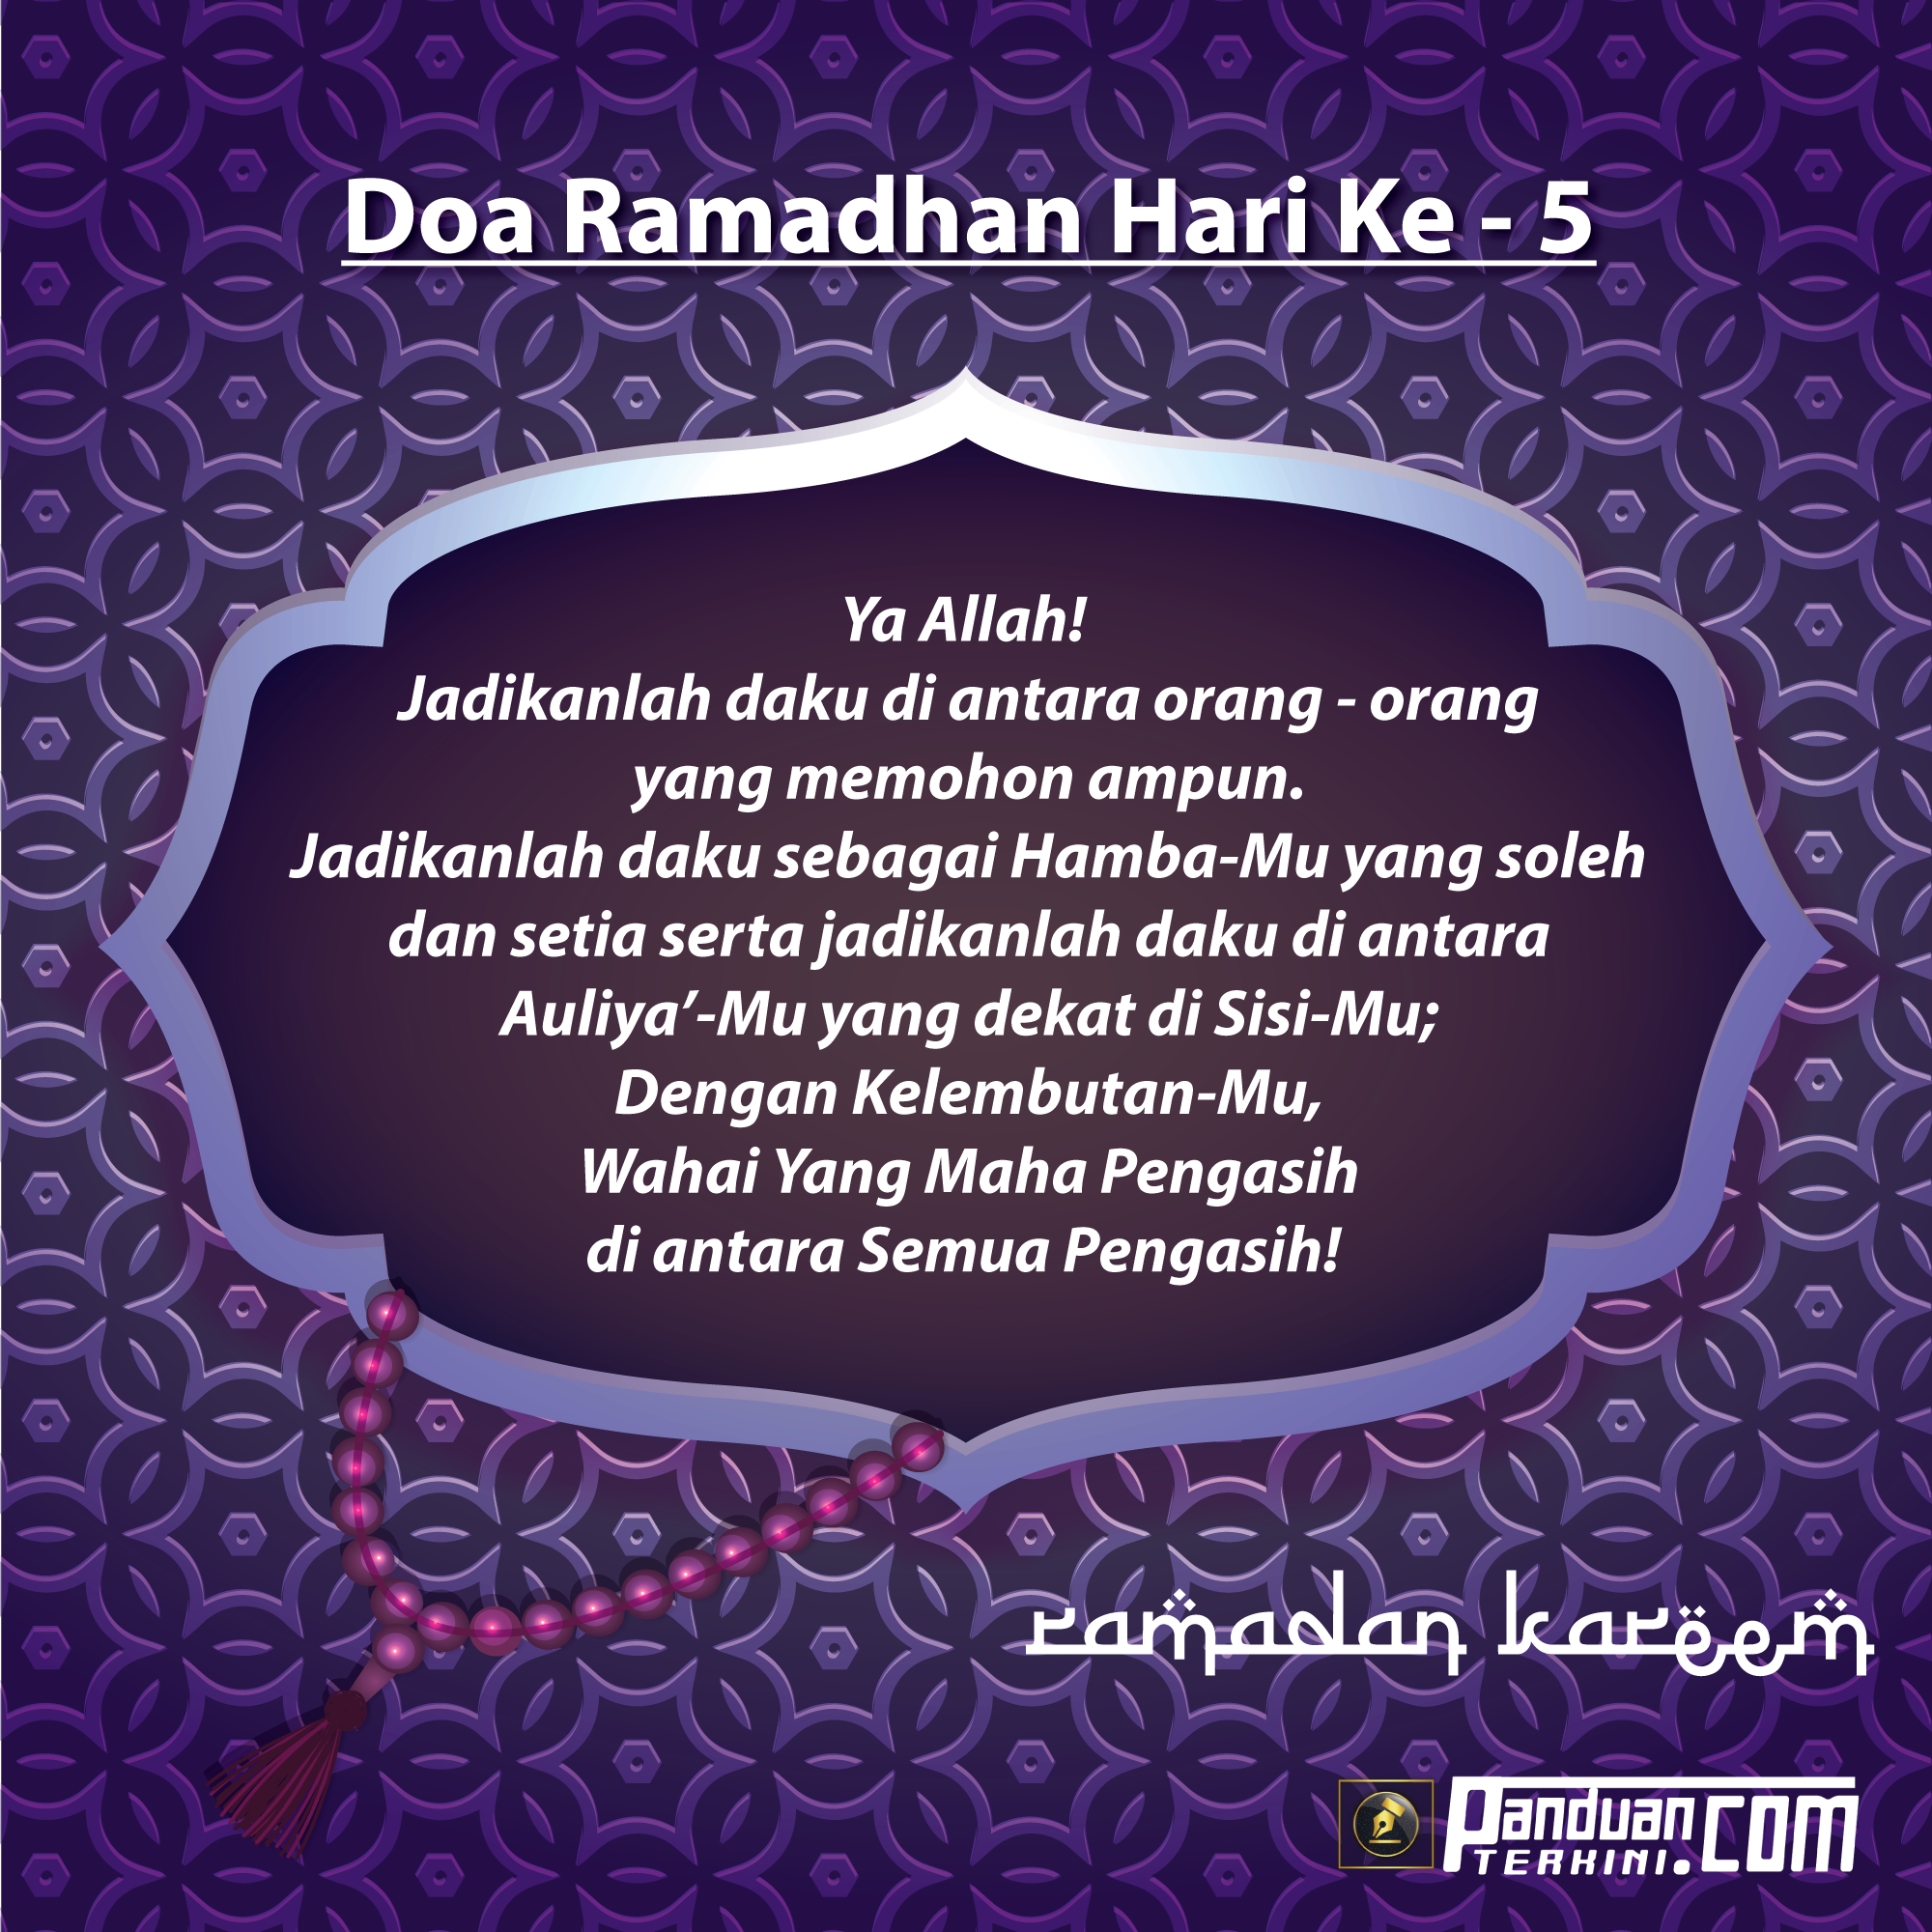 Doa Ramadhan Hari Ke-5